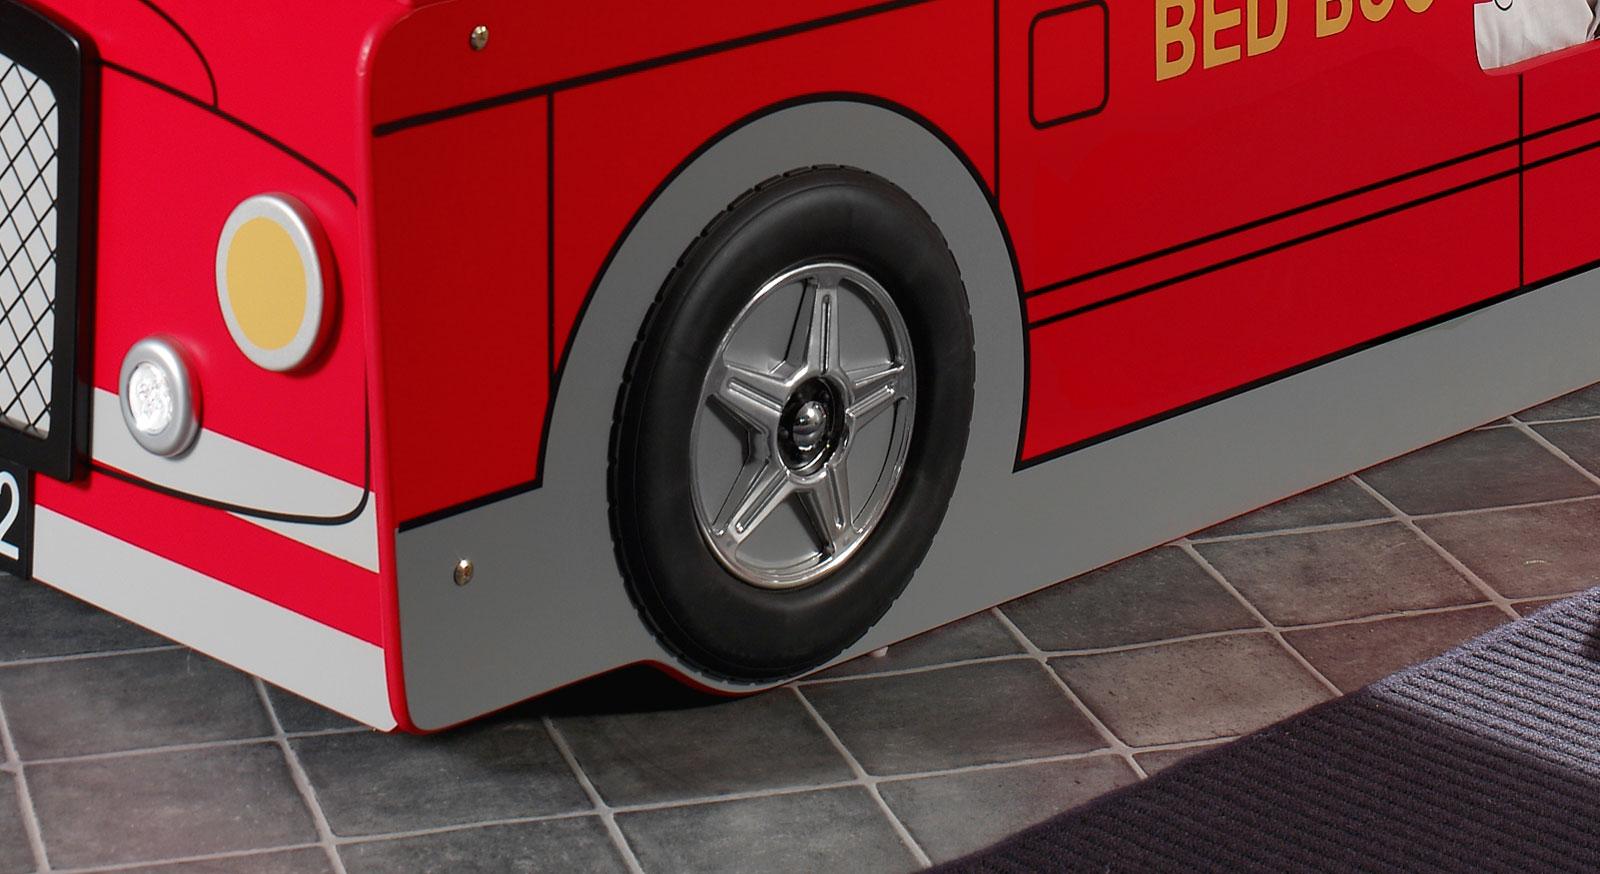 Etagenbett Paddington mit schwarzen Reifen aus Kunststoff